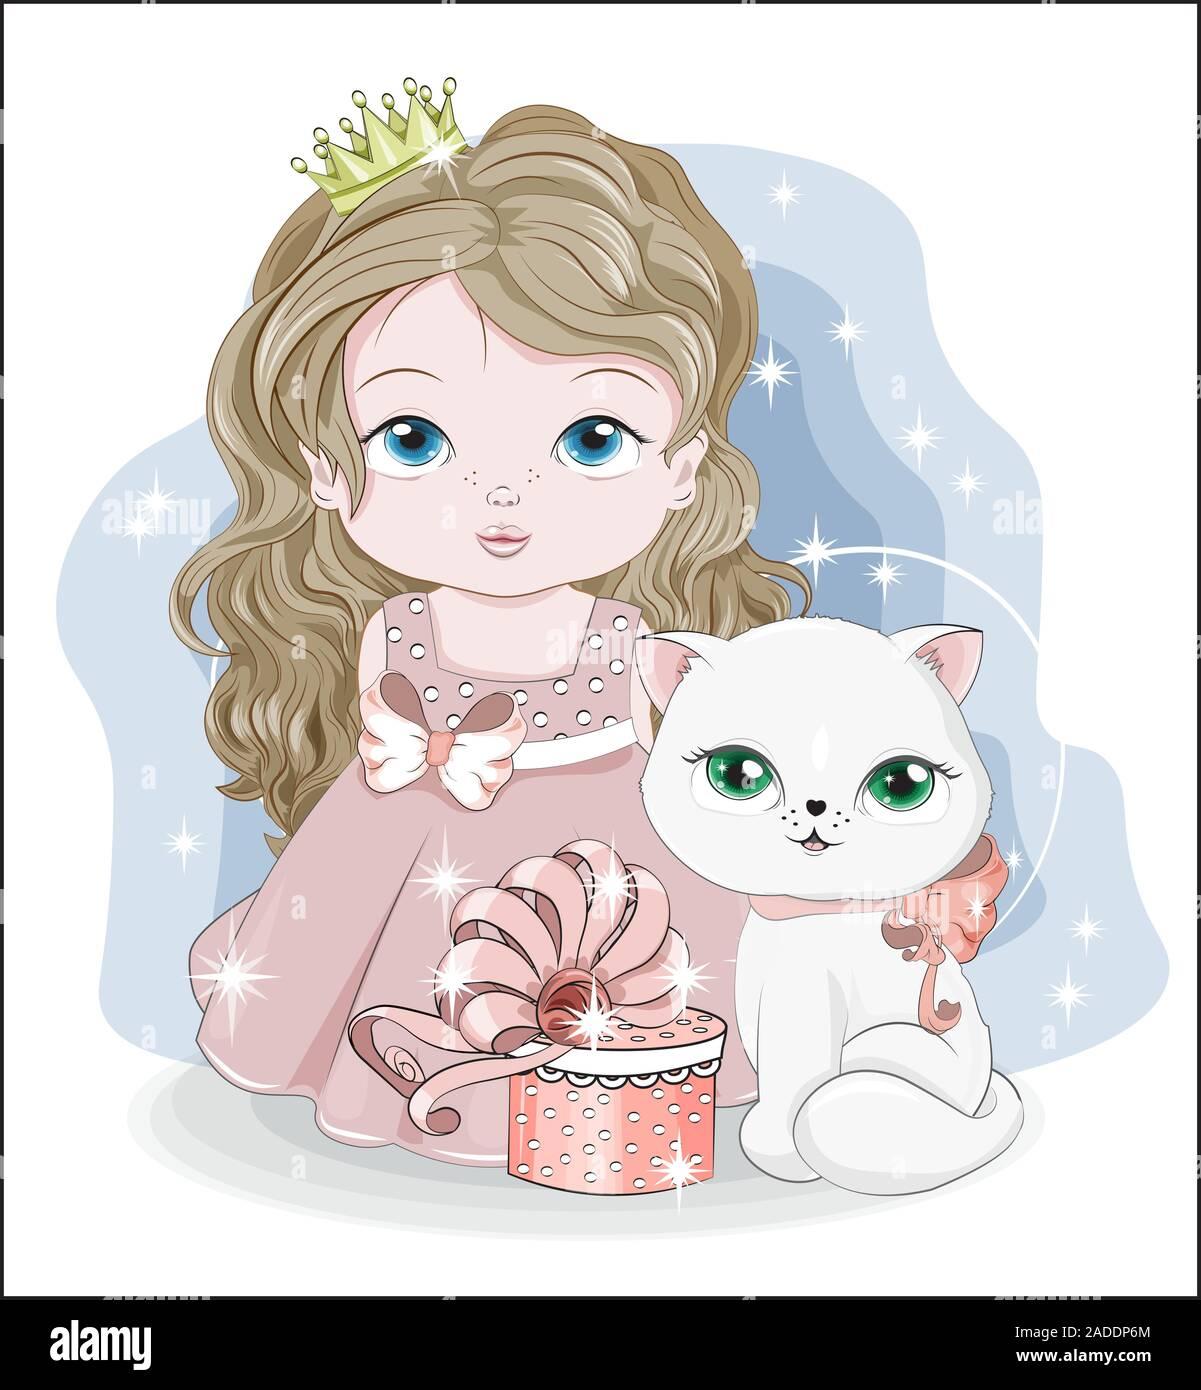 Bebe Princesa Con Corona Y Lindo Gatito Gato Blanco Con Caja De